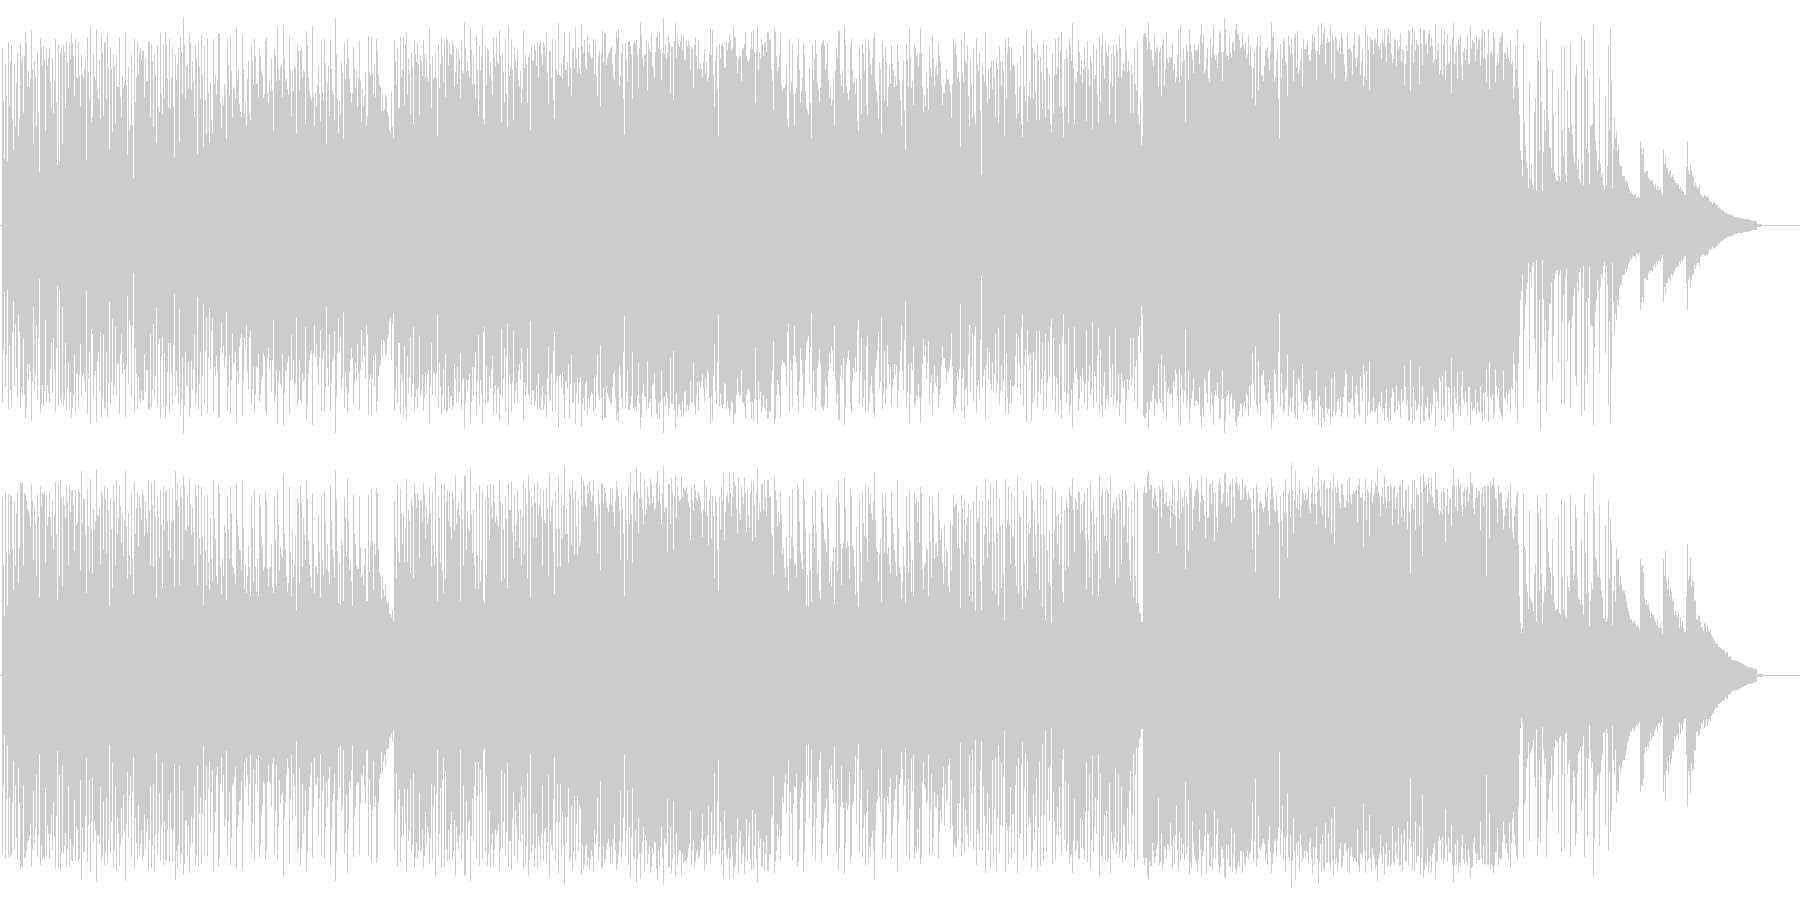 メローでデジタルなシンセバンドサウンドの未再生の波形